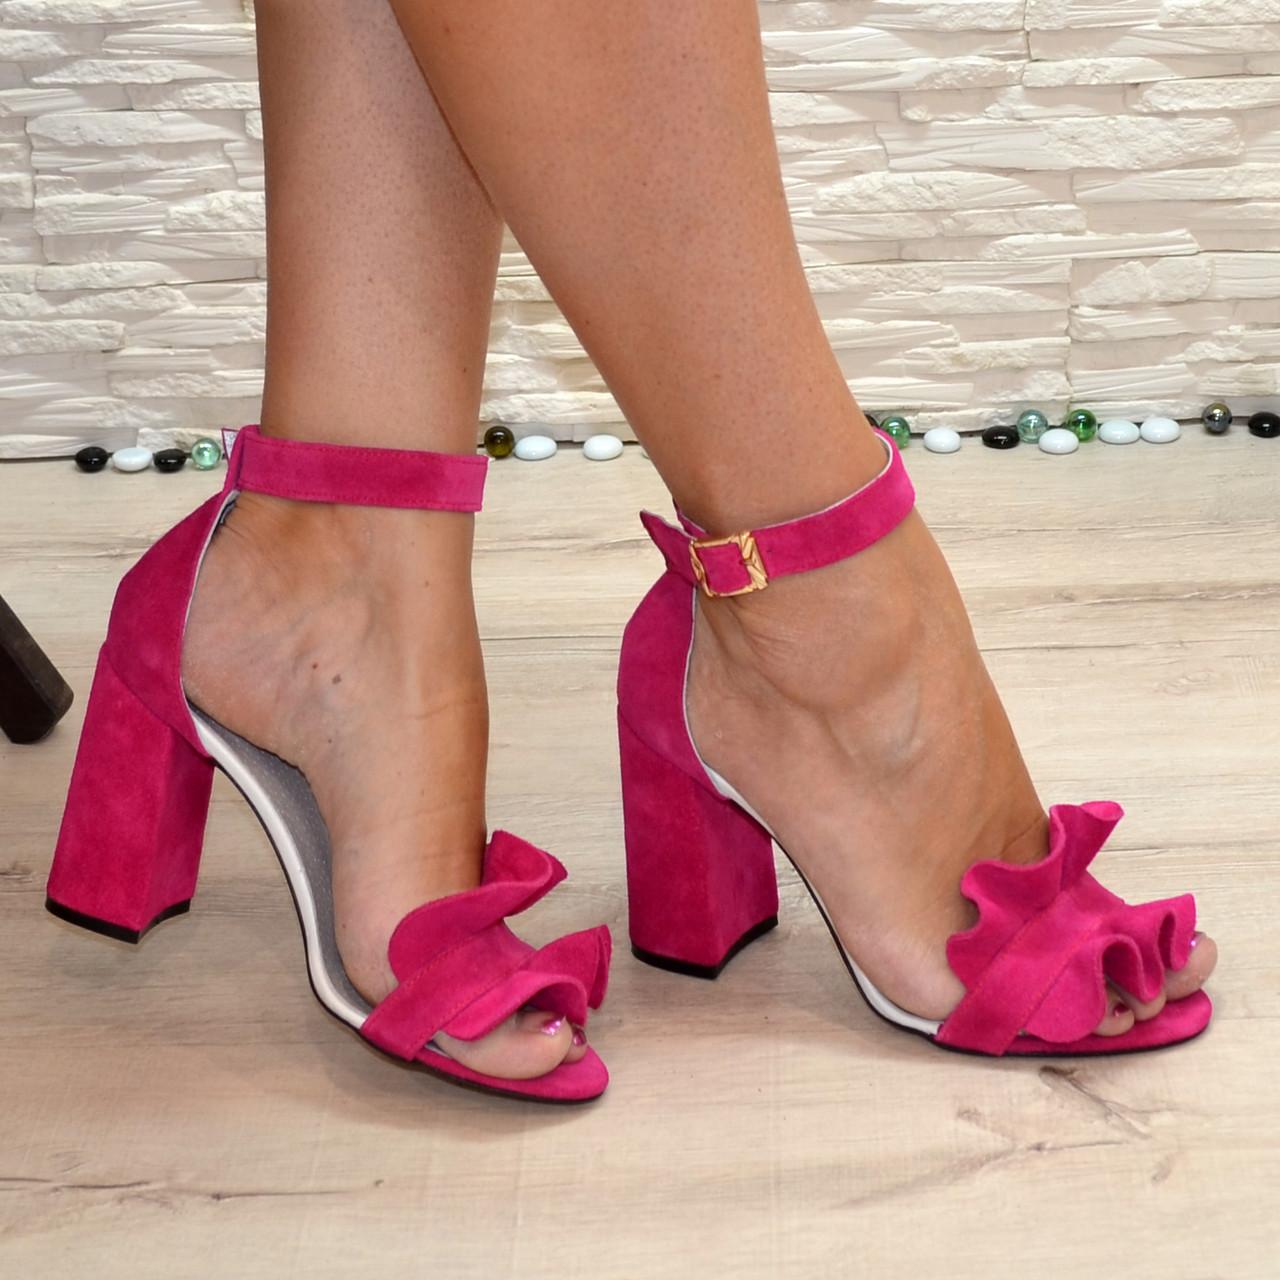 Босоножки женские замшевые на устойчивом высоком каблуке, цвет фуксия